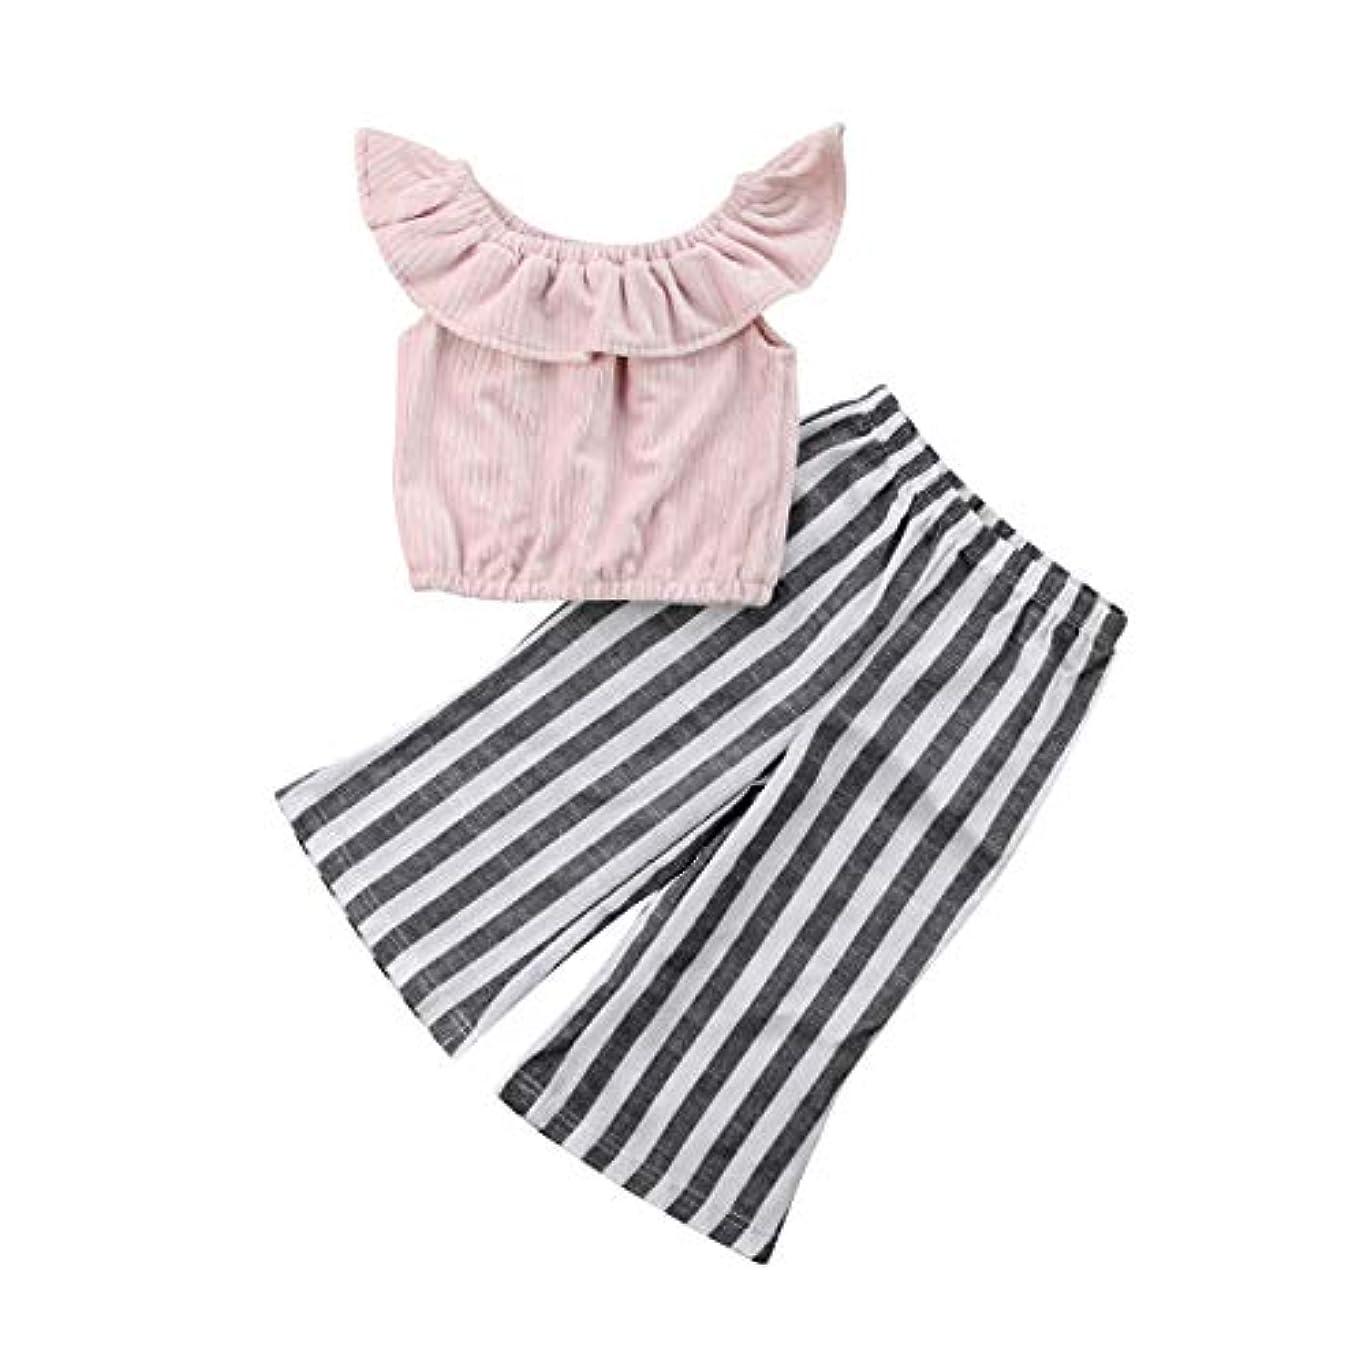 アーカイブメリー謎めいたベビー服 トップス+ワイドパンツ キッズ 女の子 黒白ストリップ ピンク ゆったり ワイド足口 ファッション